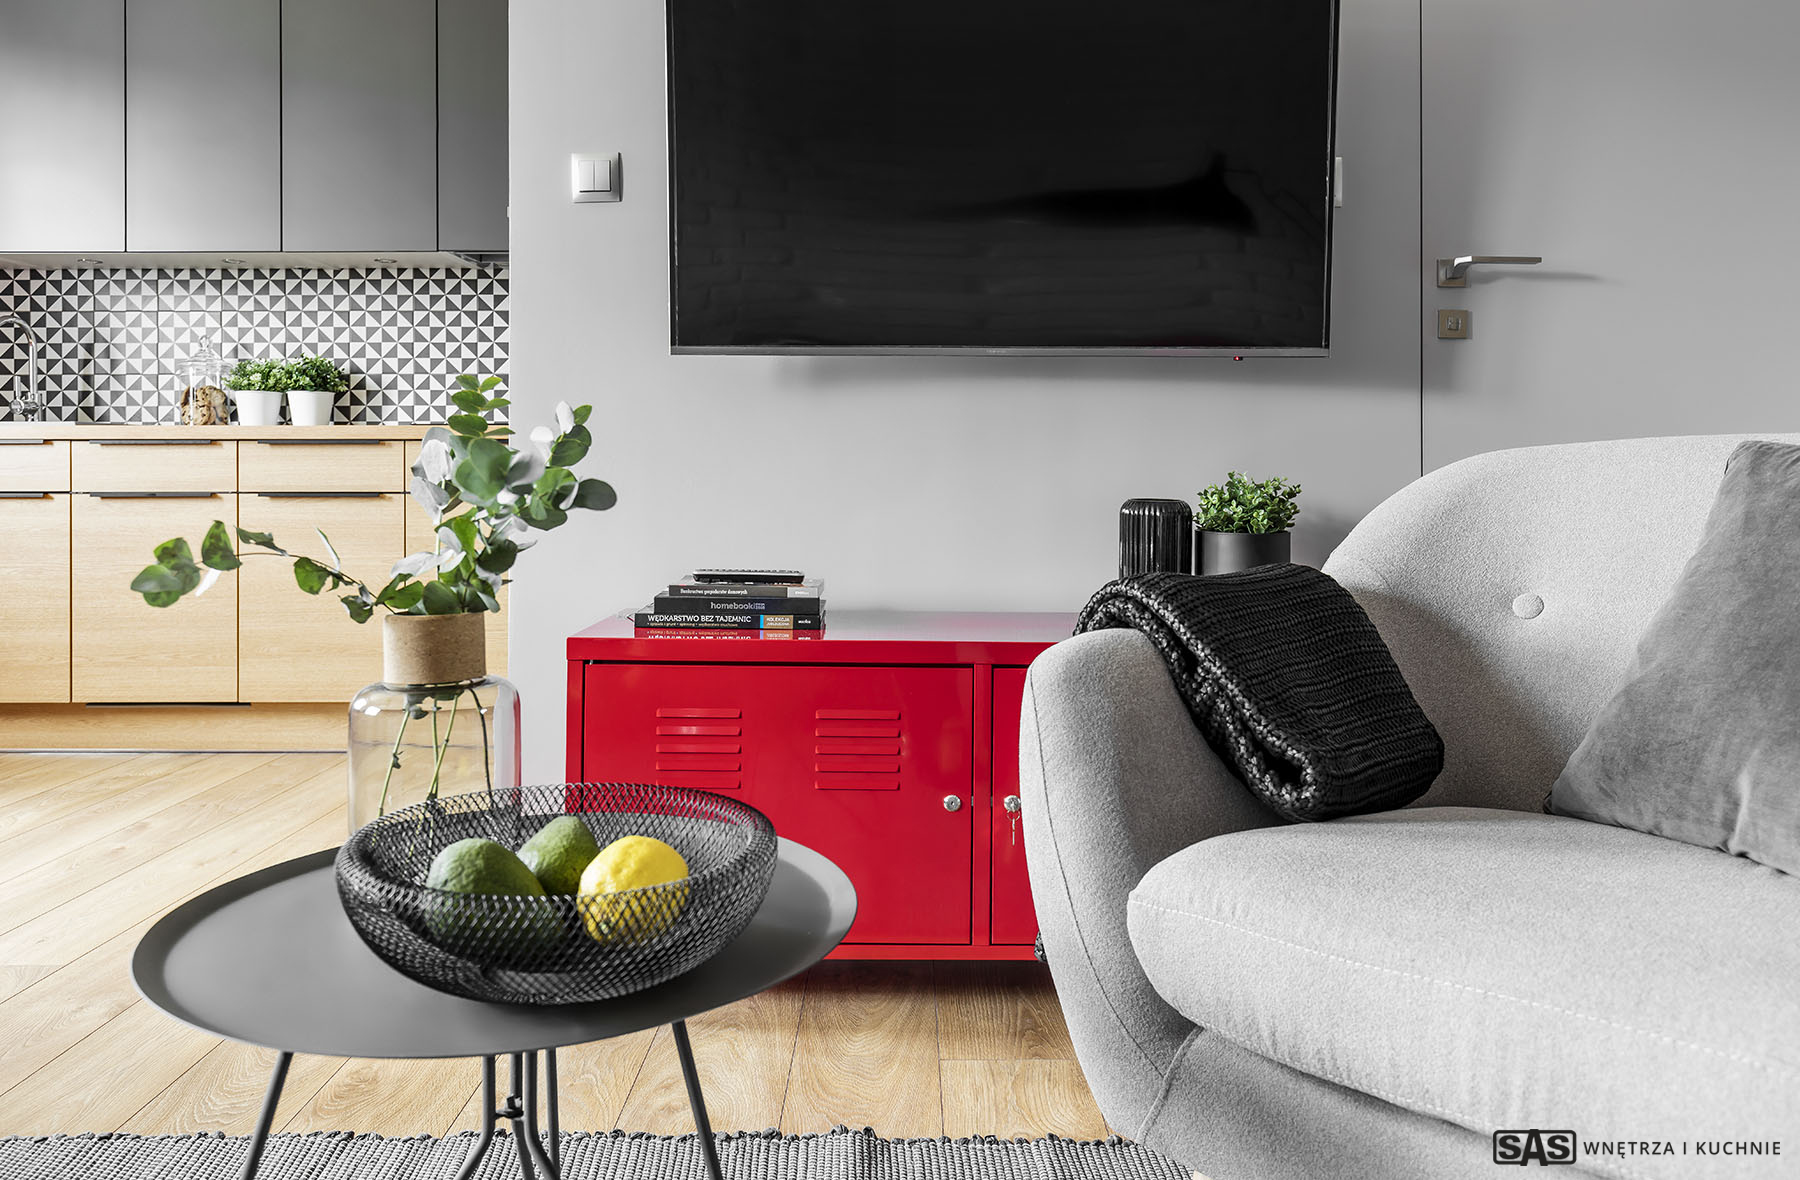 Aranżacja salonu - zbliżenie na dekoracje - meble kuchenne na wymiar widoczne na drugim planie wykonanie SAS Wnętrze i Kuchnie - projekt architekt wnętrz Emilia Strzempek Plasun.